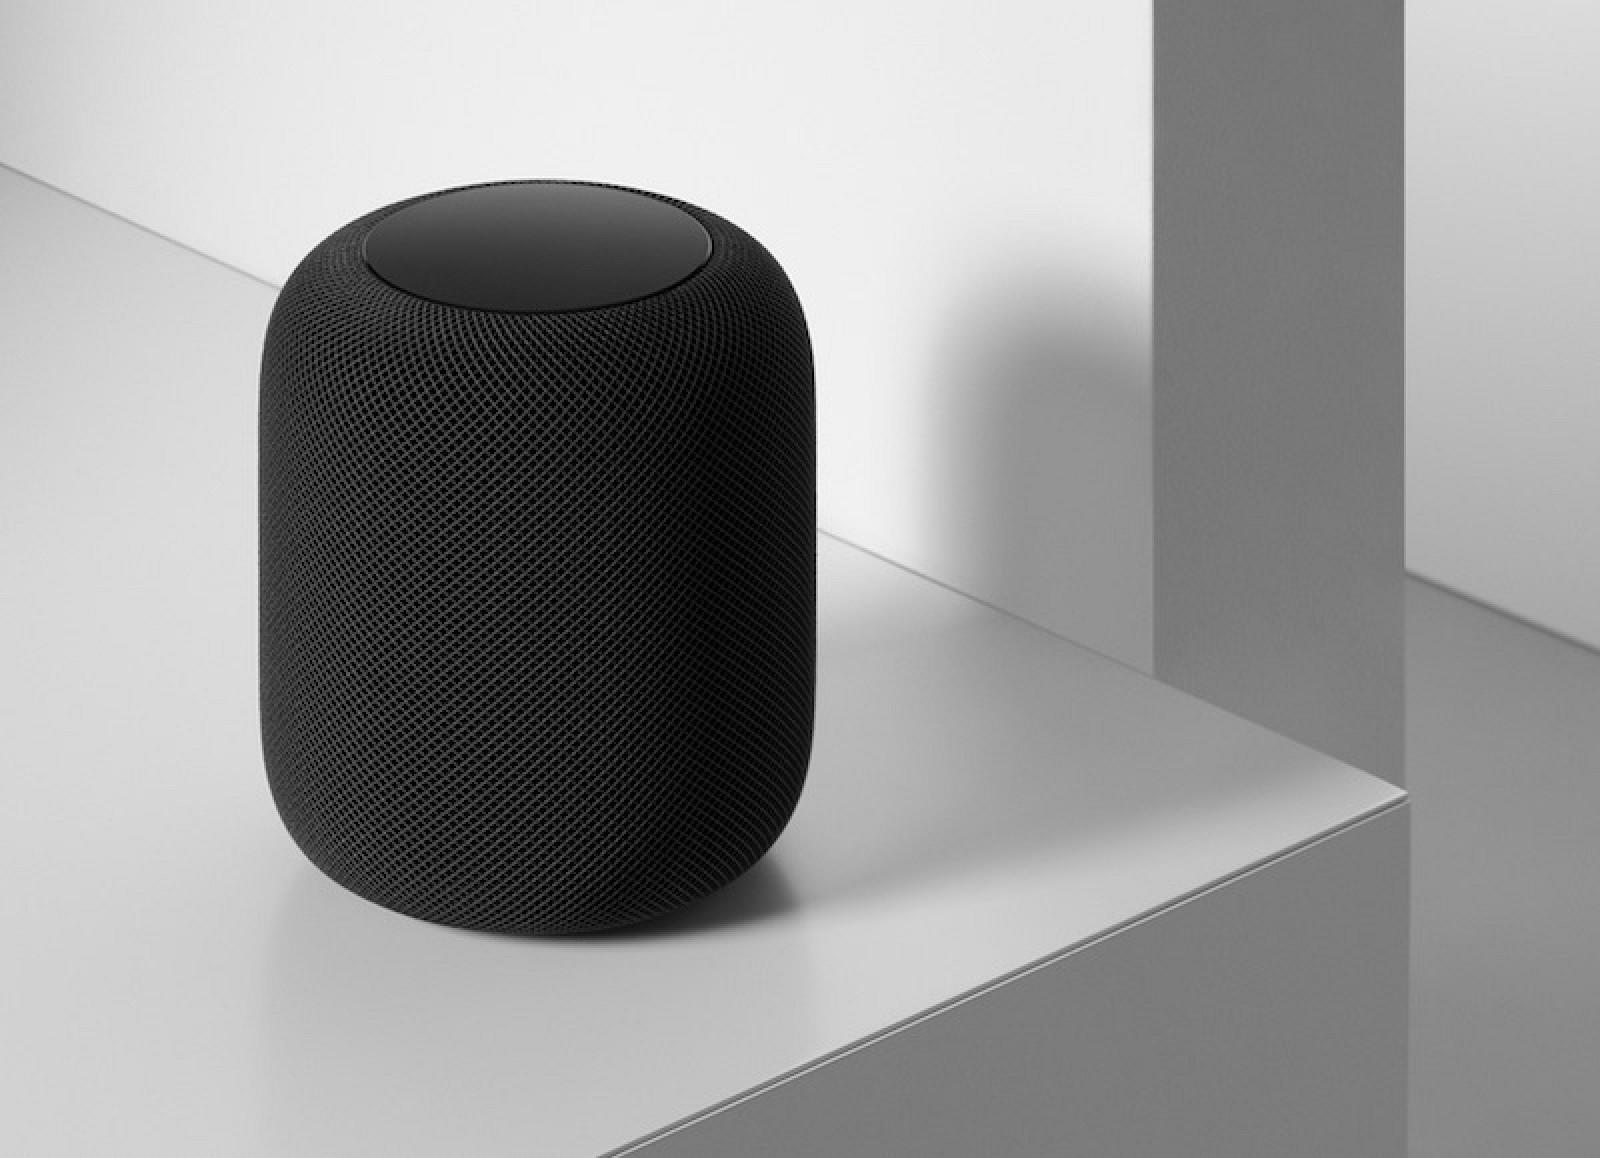 Ofertas destacadas: Costco descuenta el HomePod de Apple a $ 199.97 ($ 100 de descuento)